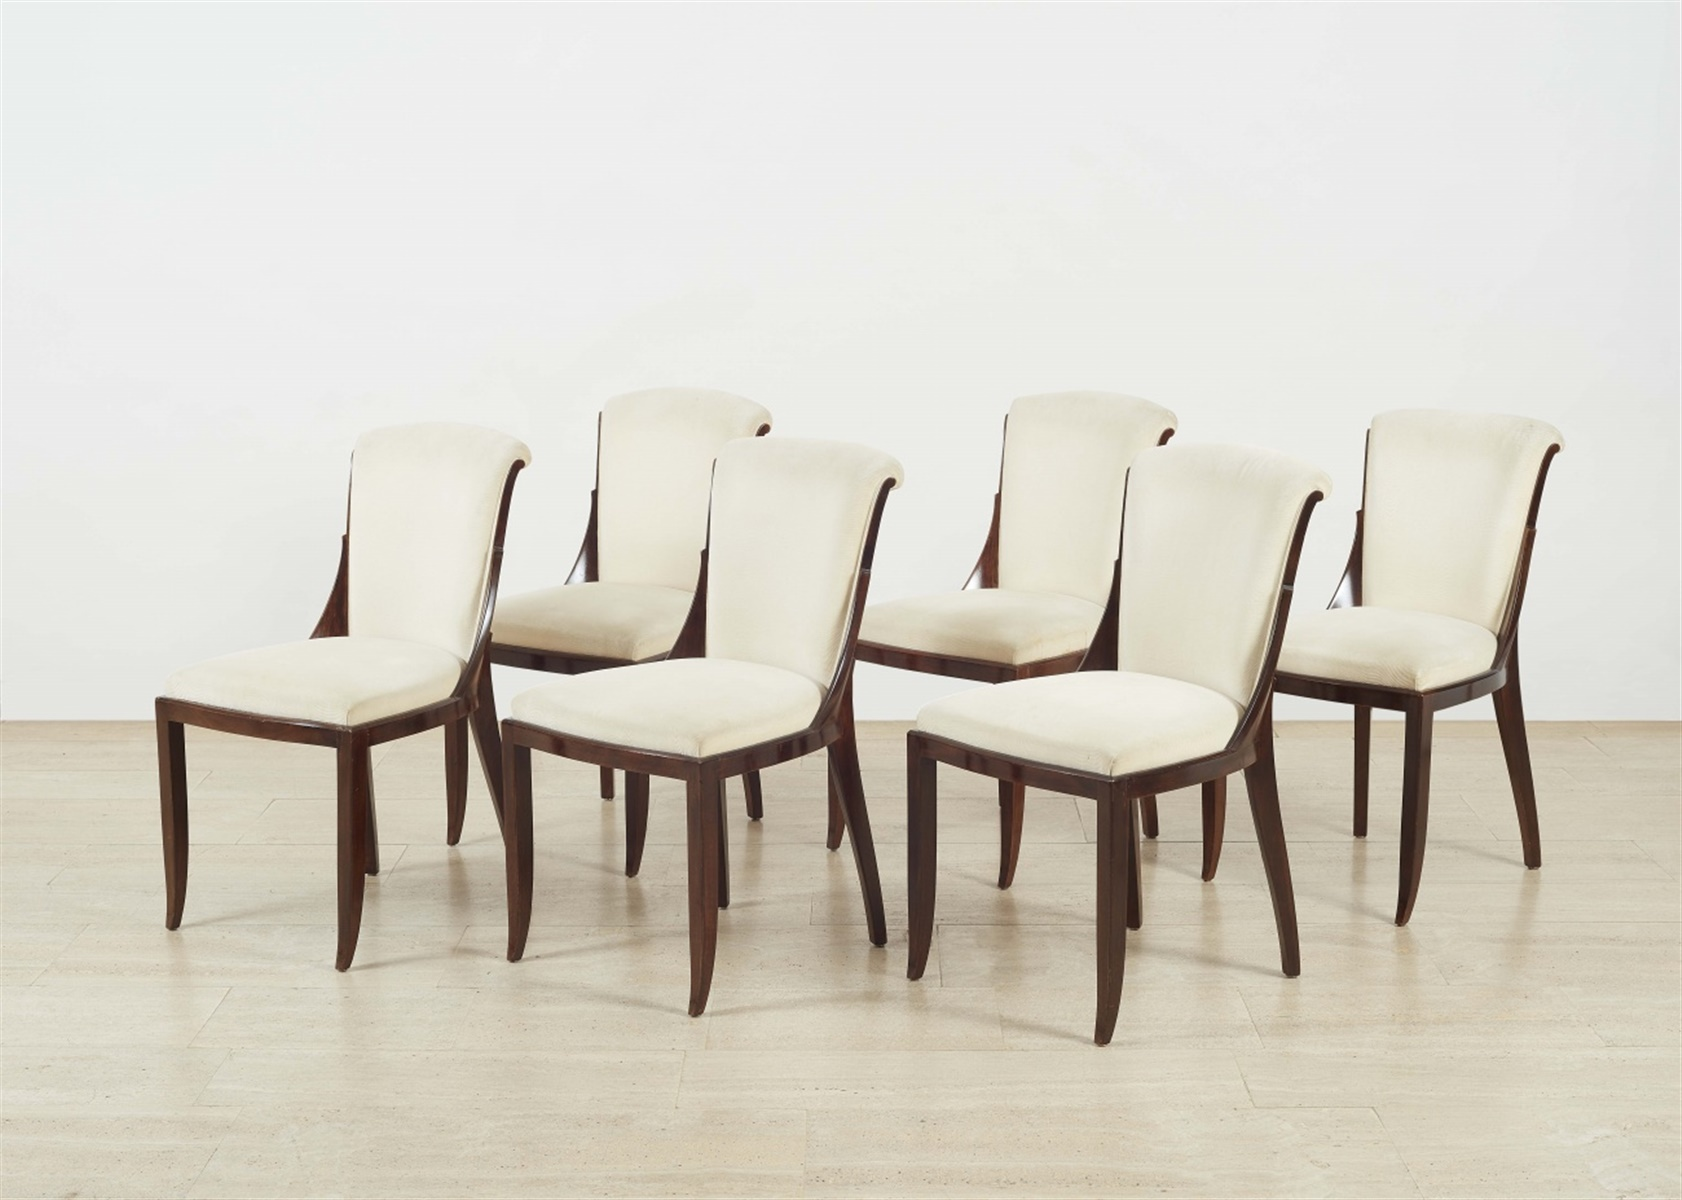 Satz von sechs StühlenBuche, Polsterung, ersetzte Textilbezüge. Pressnummer 18550812. Ältere